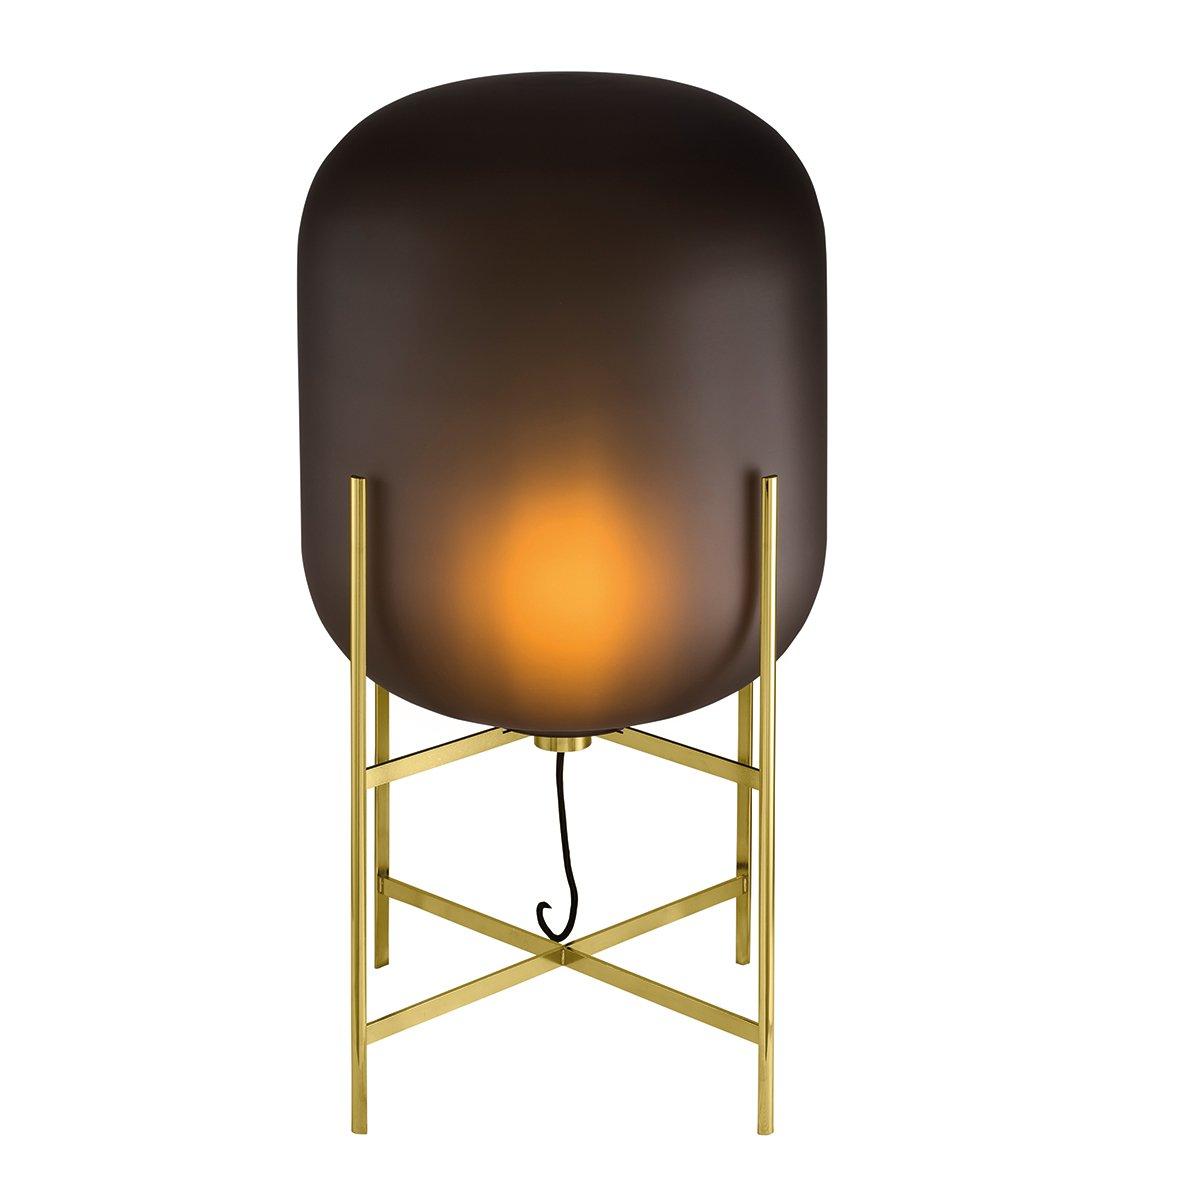 Pulpo Oda Vloerlamp Medium (2014) - Mat Smoke Grey / Messing